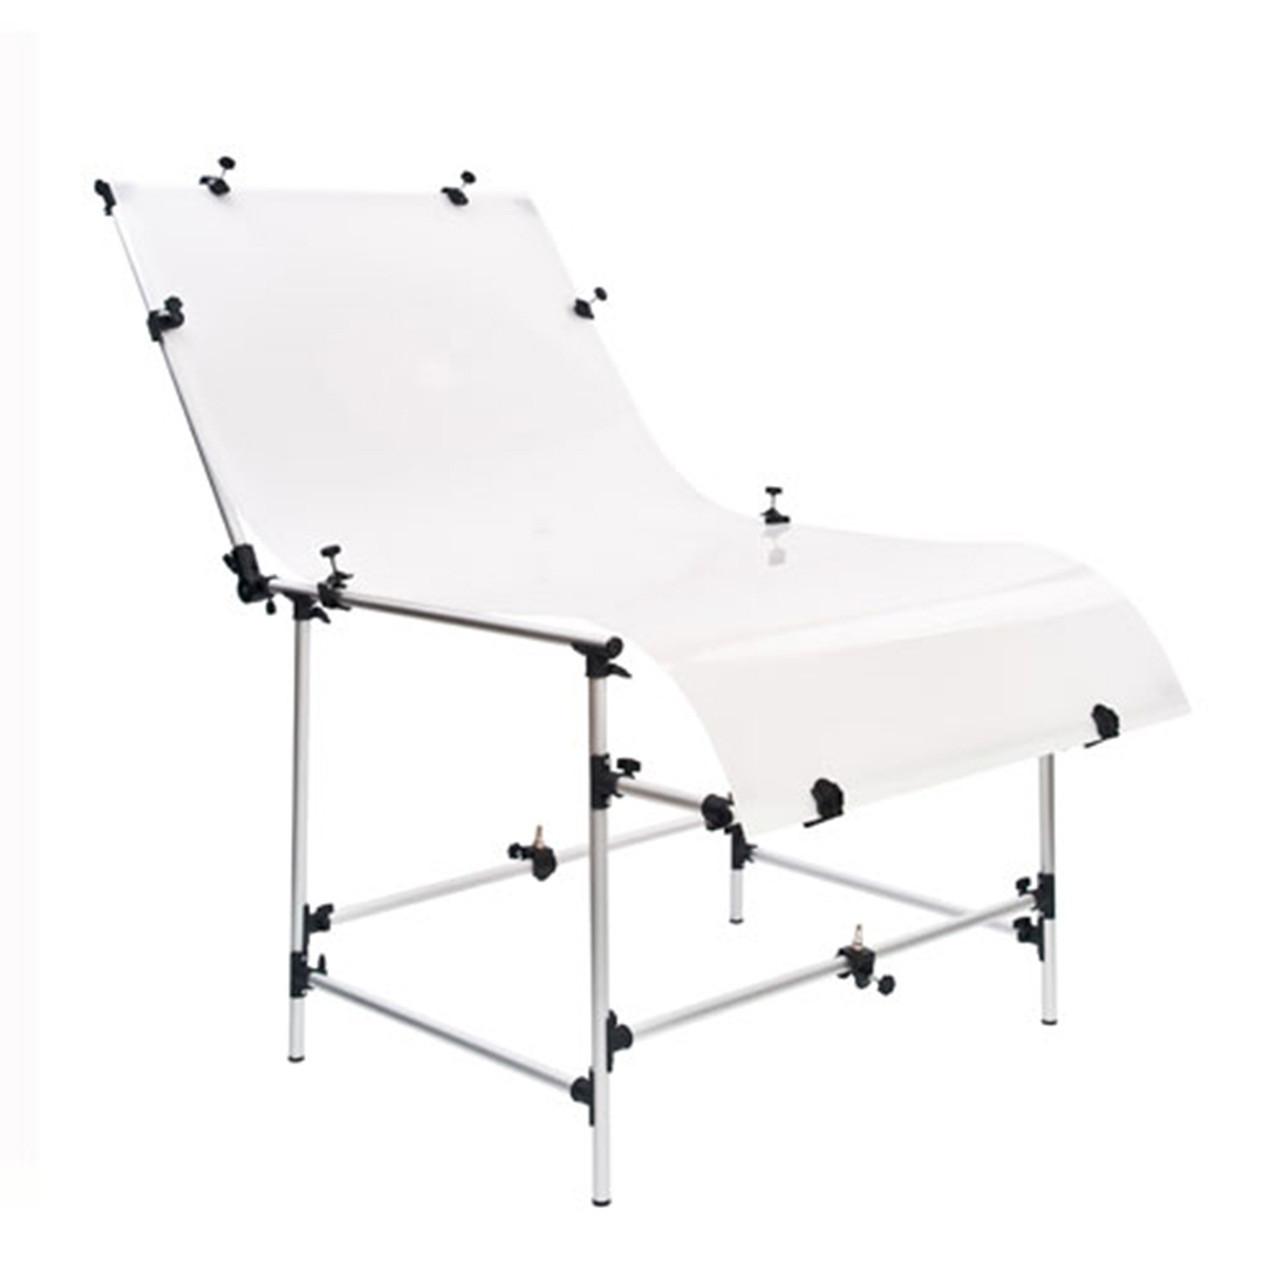 Предметный стол DNP PLST 1020 для предметной съемки 100*200см с чехлом